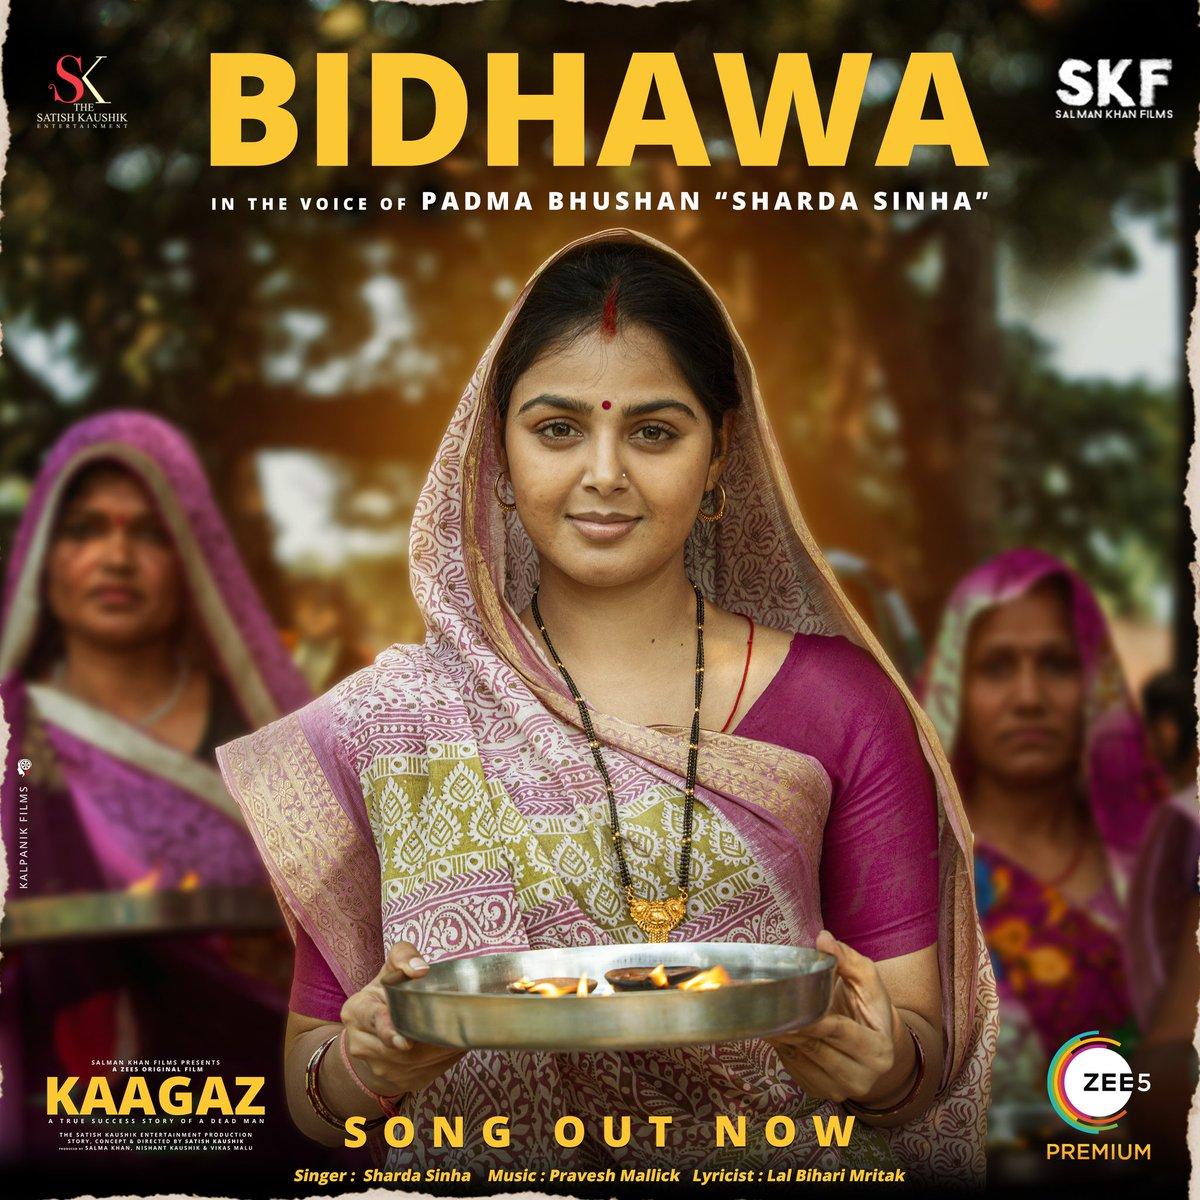 """प्रसिद्ध लोकगायिका पद्म भूषण """"शारदा सिन्हा"""" के स्वर में फ़िल्म कागज़ का भावुक गीत """"बिधवा""""    @SKFilmsOfficial @TripathiiPankaj @Gajjarmonal @shardasinha @praveshmallick @TheAmarUpadhyay @Nishantkaushikk #vikasmalu #mitavashisht @ZEE5Premium @ZeeStudios_"""